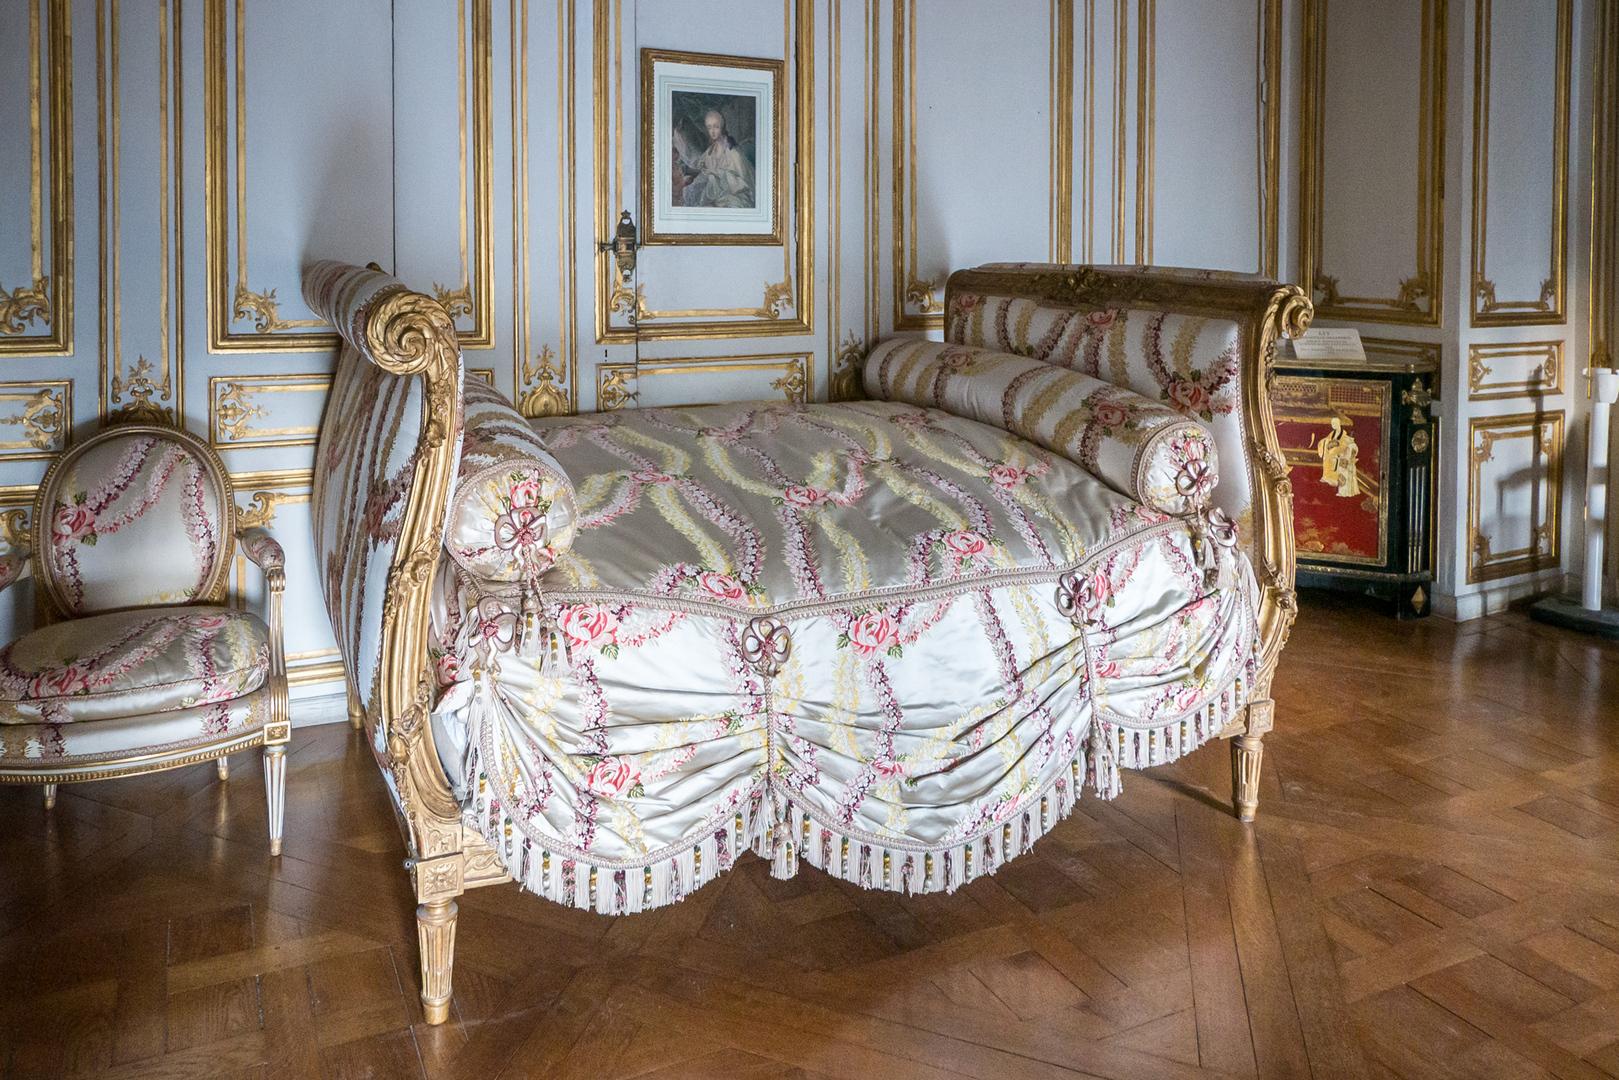 Bett von Marie-Antoinette Schloss Versailles FRA